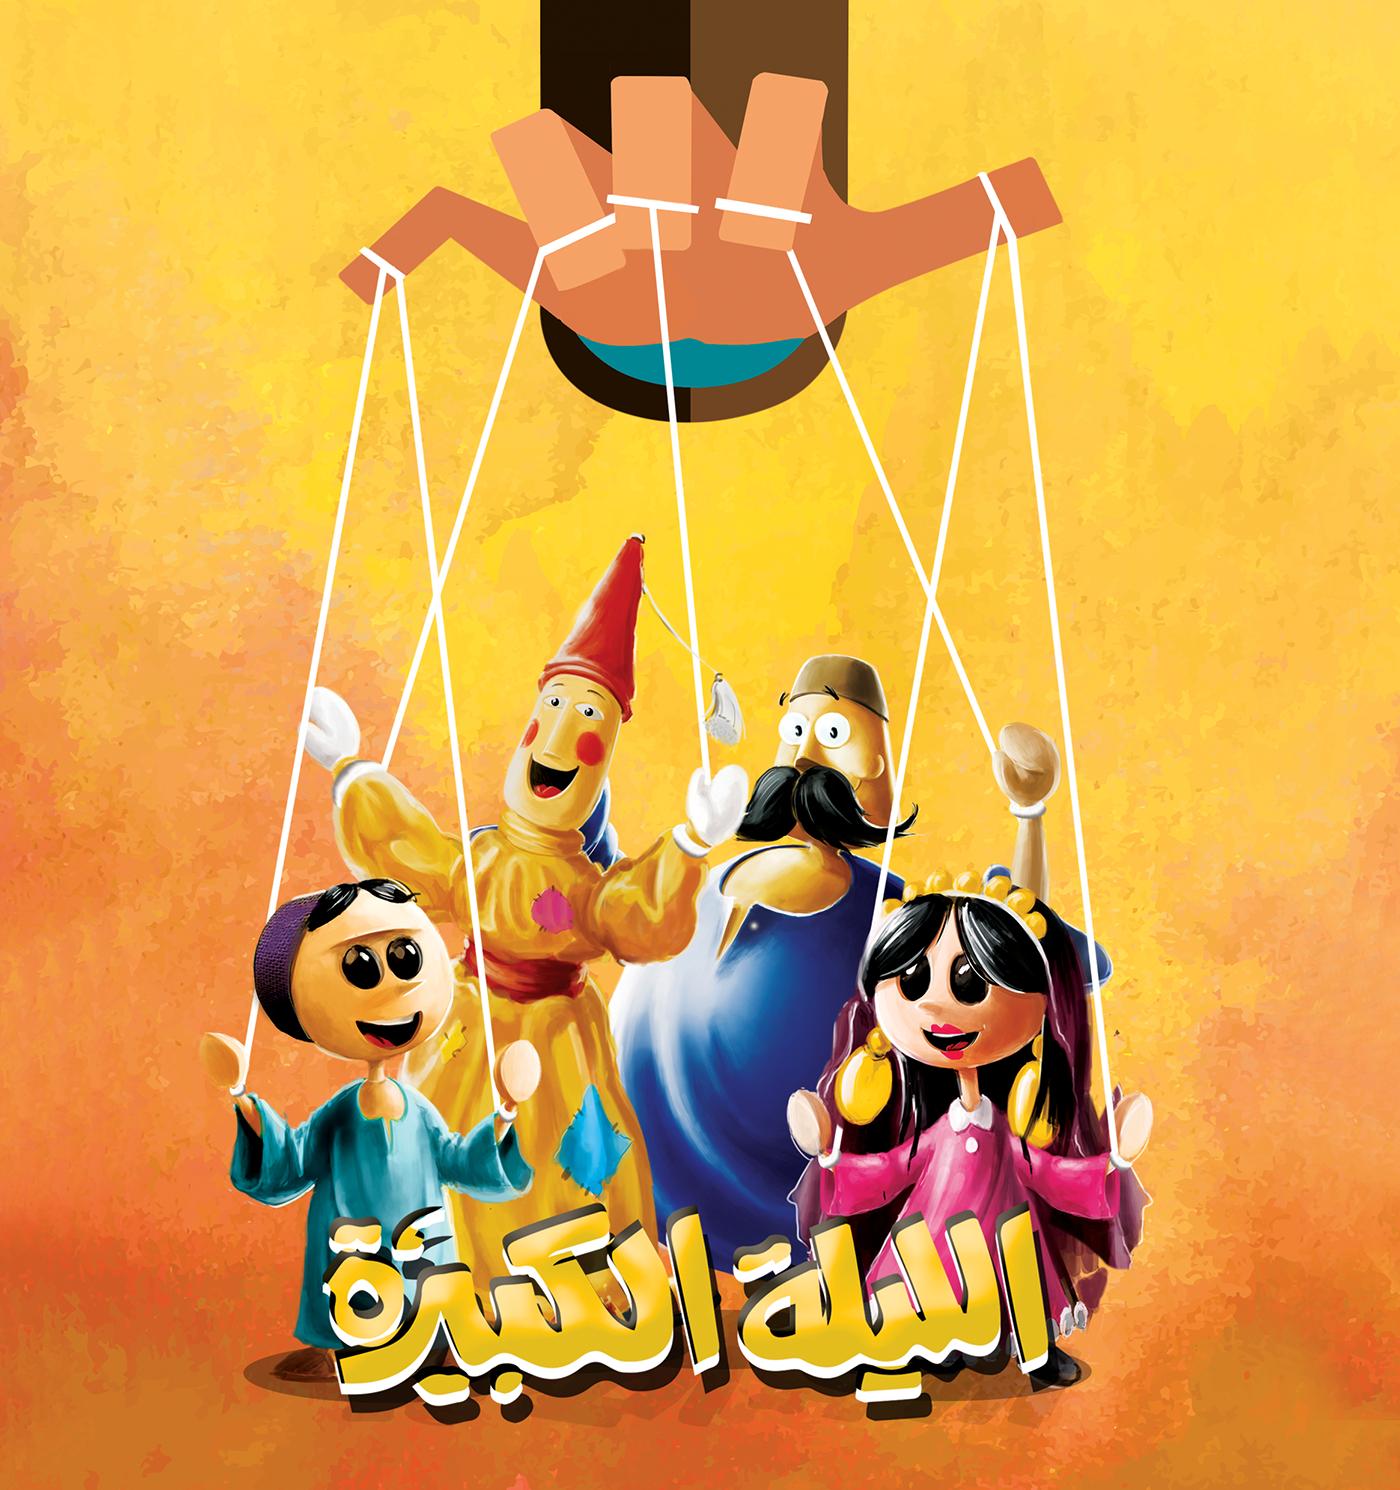 Étoile El Moled Campaign On Behance destiné Etoil Clown